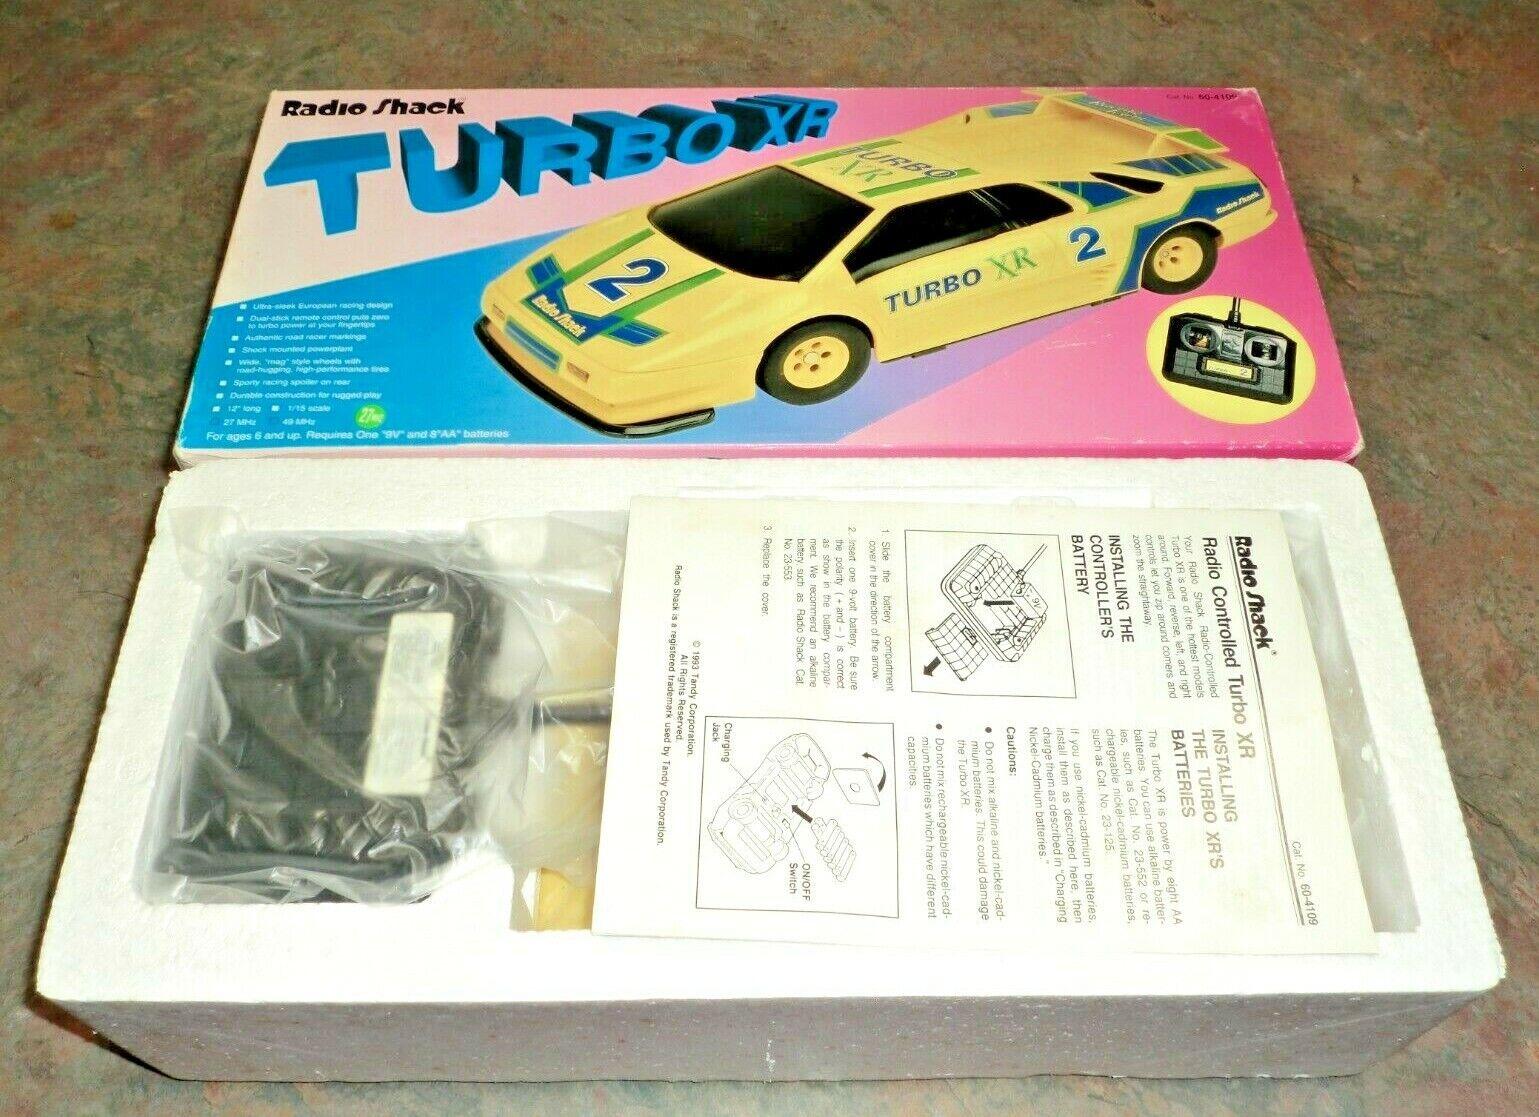 Nuevo Vintage Turbo XR Radio Shack coche controlados por radio con Controlador Nuevo en Caja Original 11